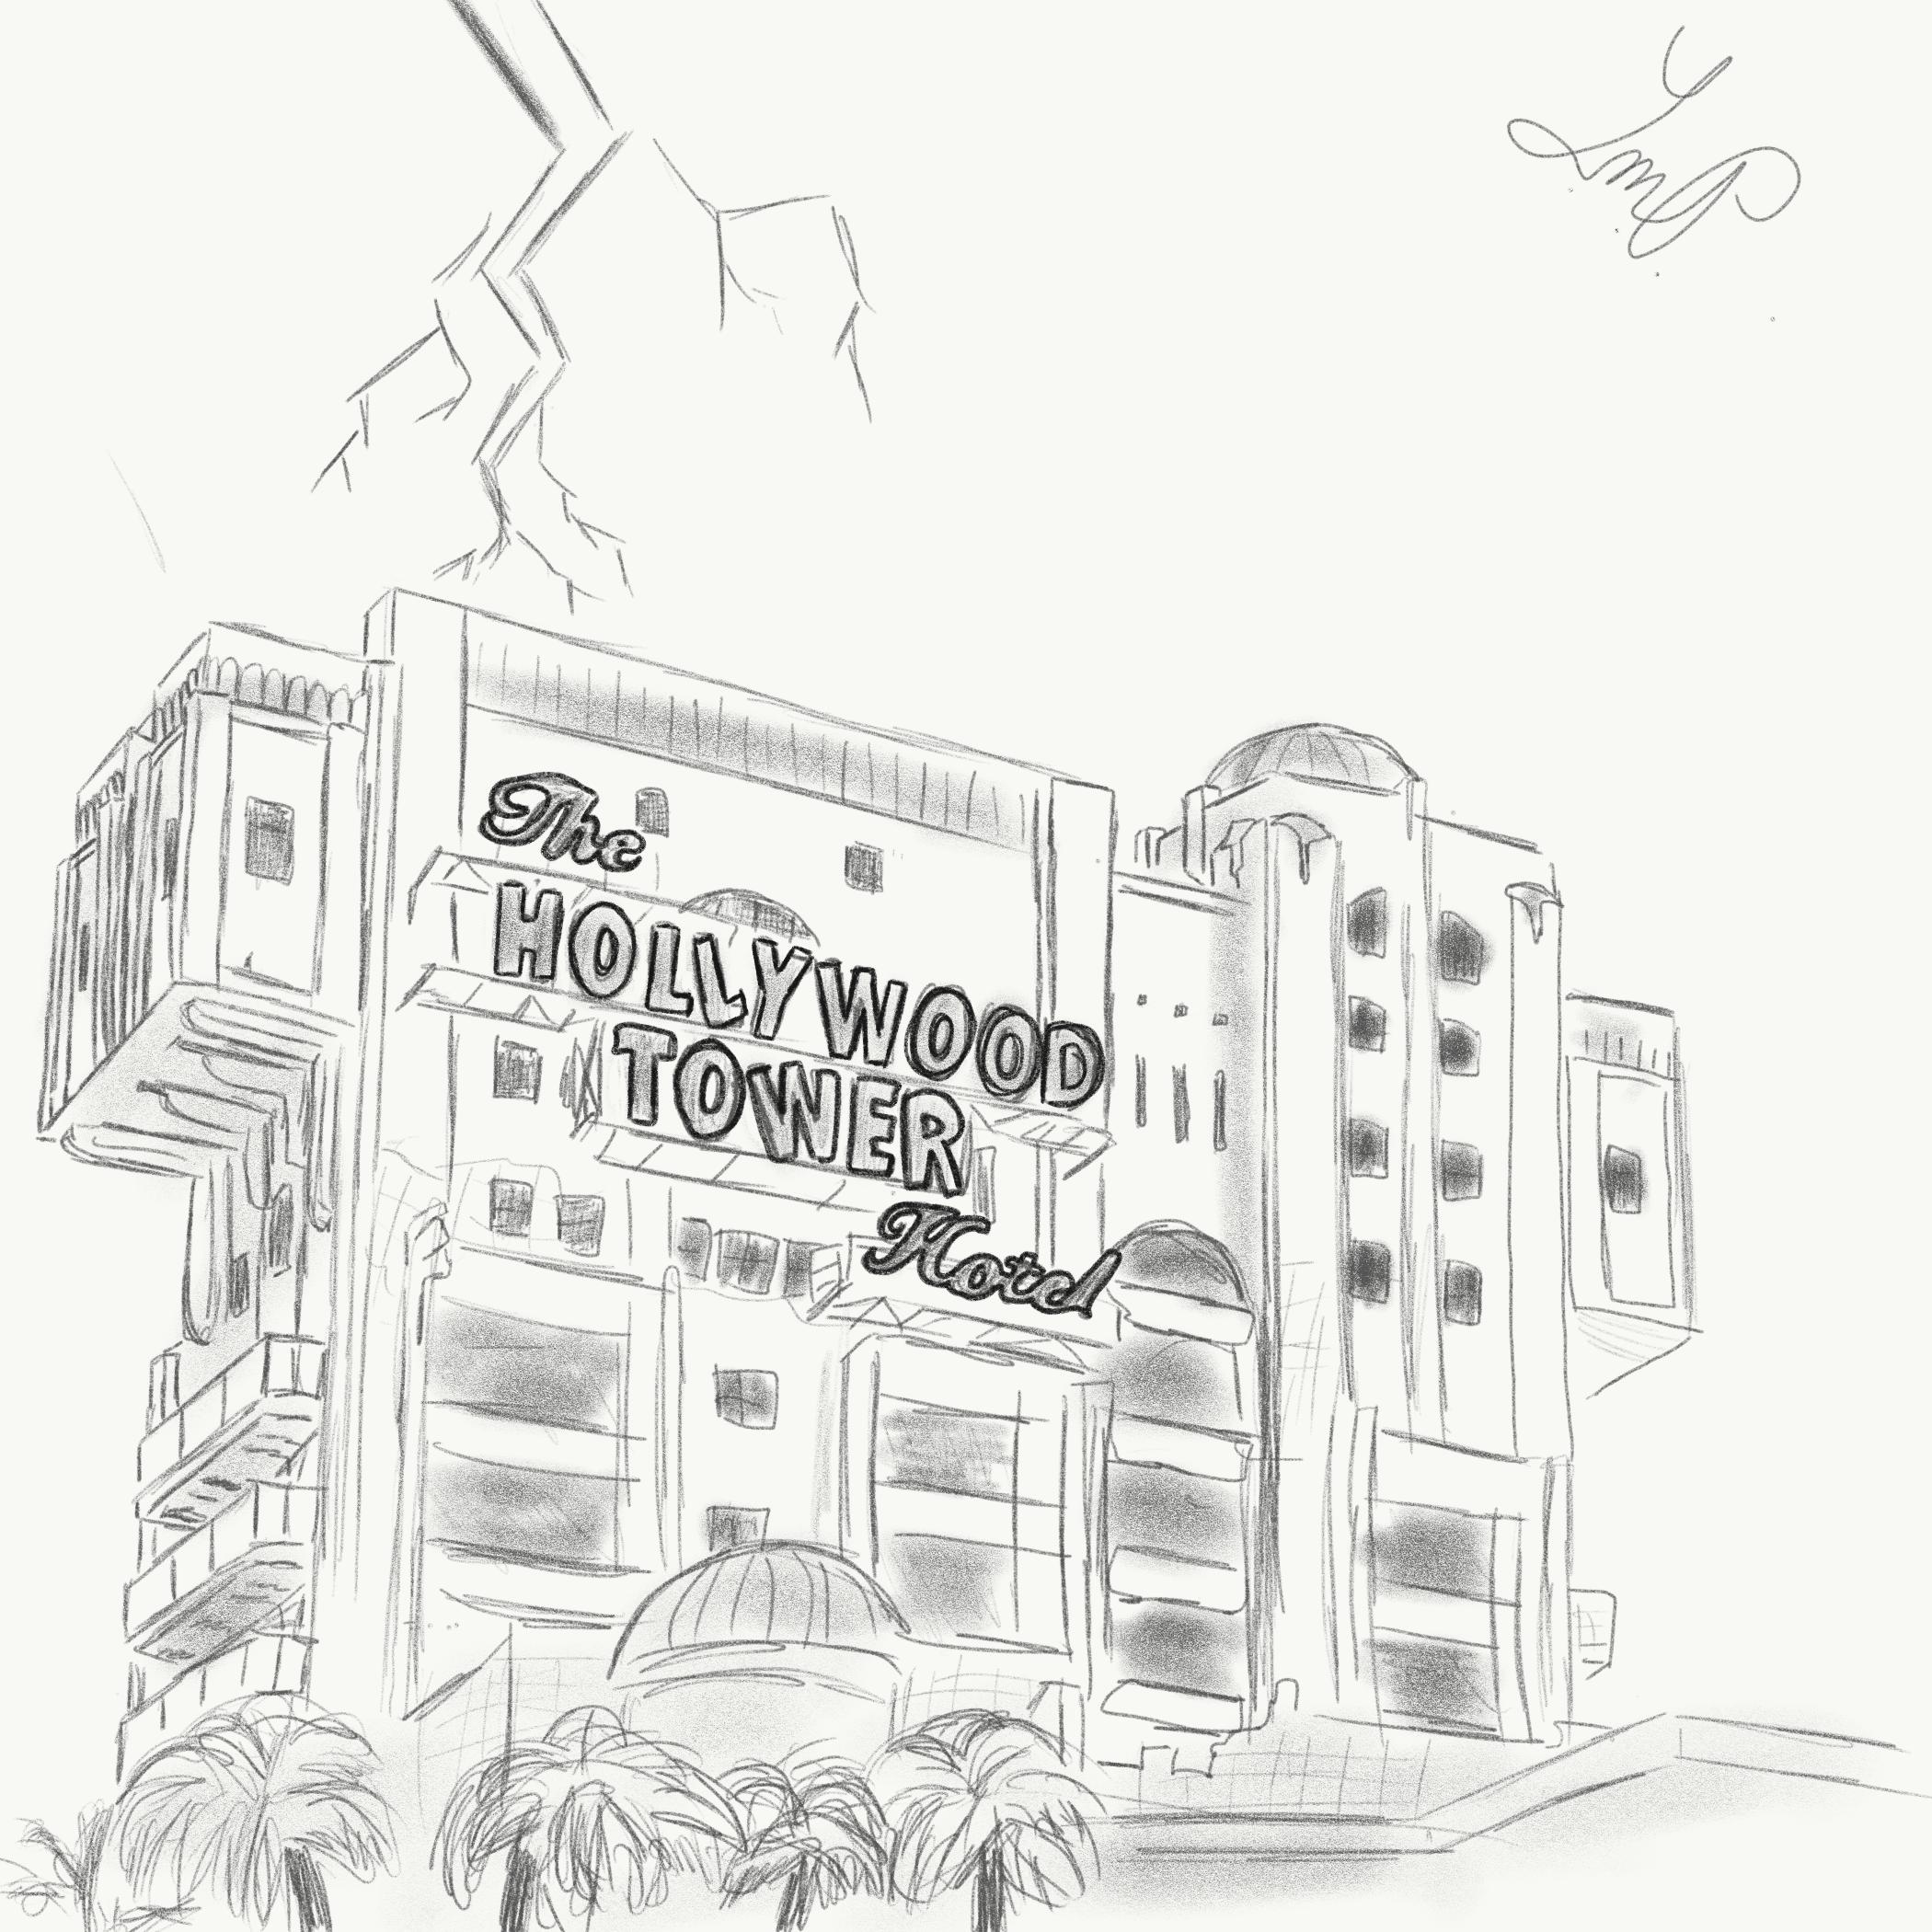 Tower of Terror Building Watercolor Print Watercolor Sketch